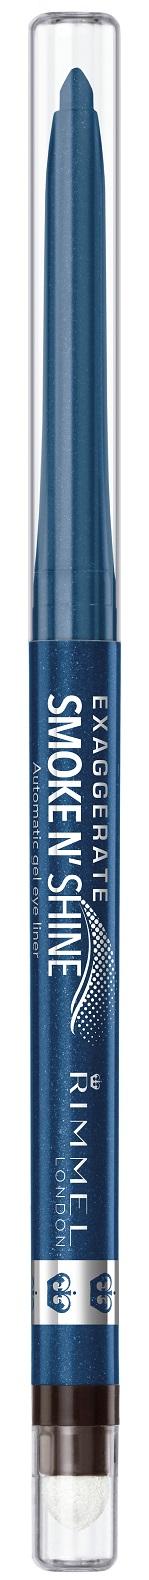 004 BLUE STEEL